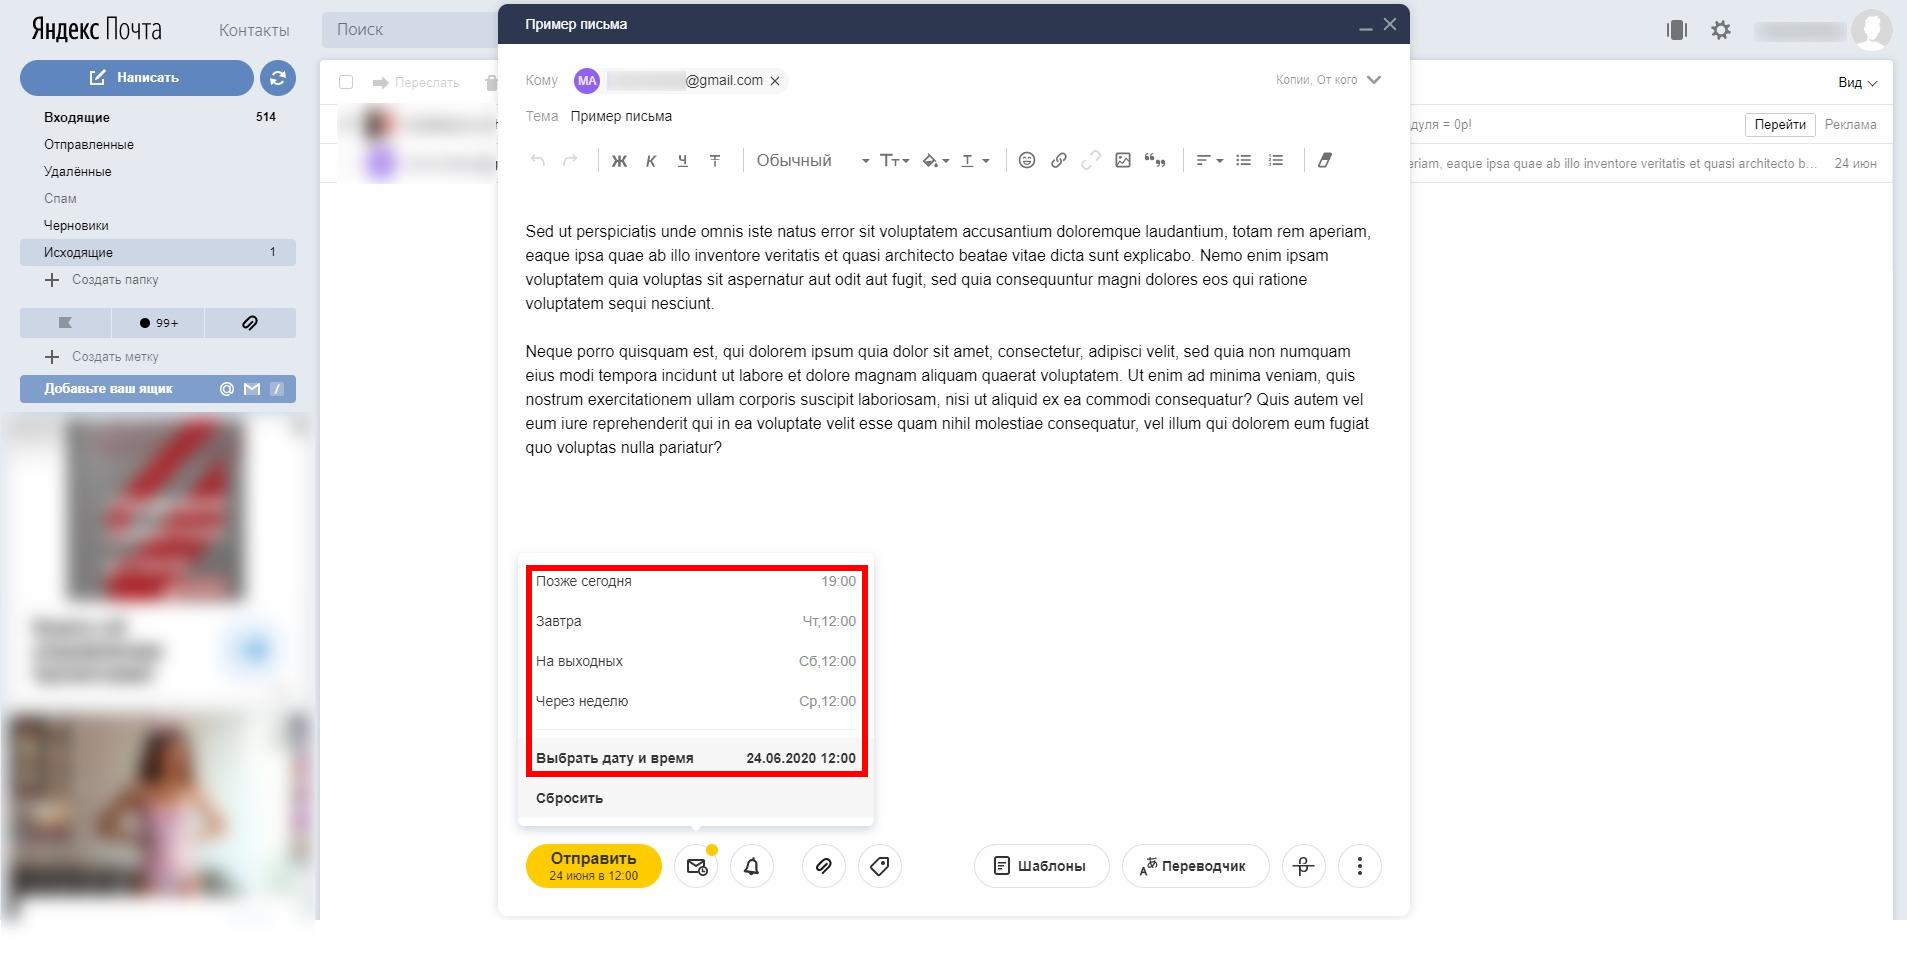 Как отменить отправку письма в «Яндекс.почте»: выберите более удобное время